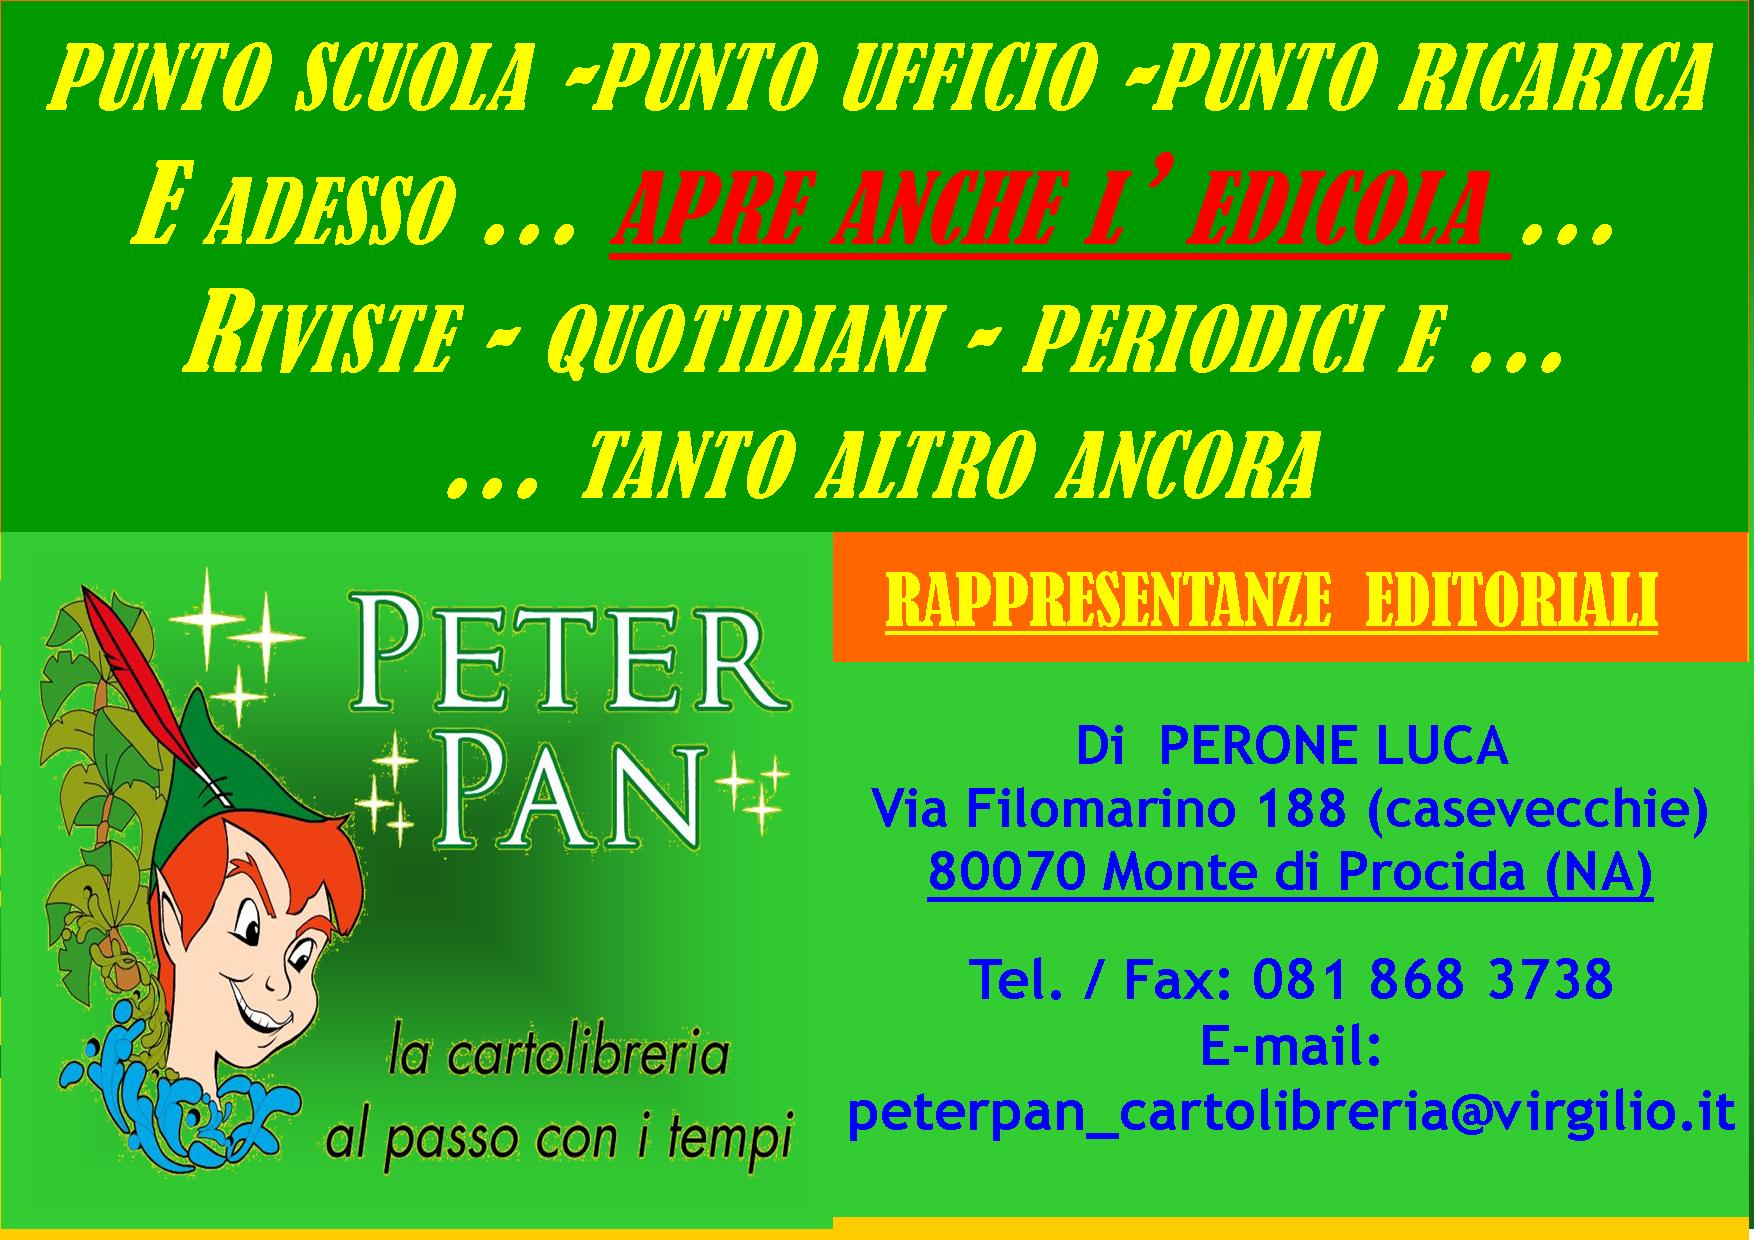 PETER PAN CARTOLIBRERIA … RADDOPPIA … E APRE ANCHE L'EDICOLA